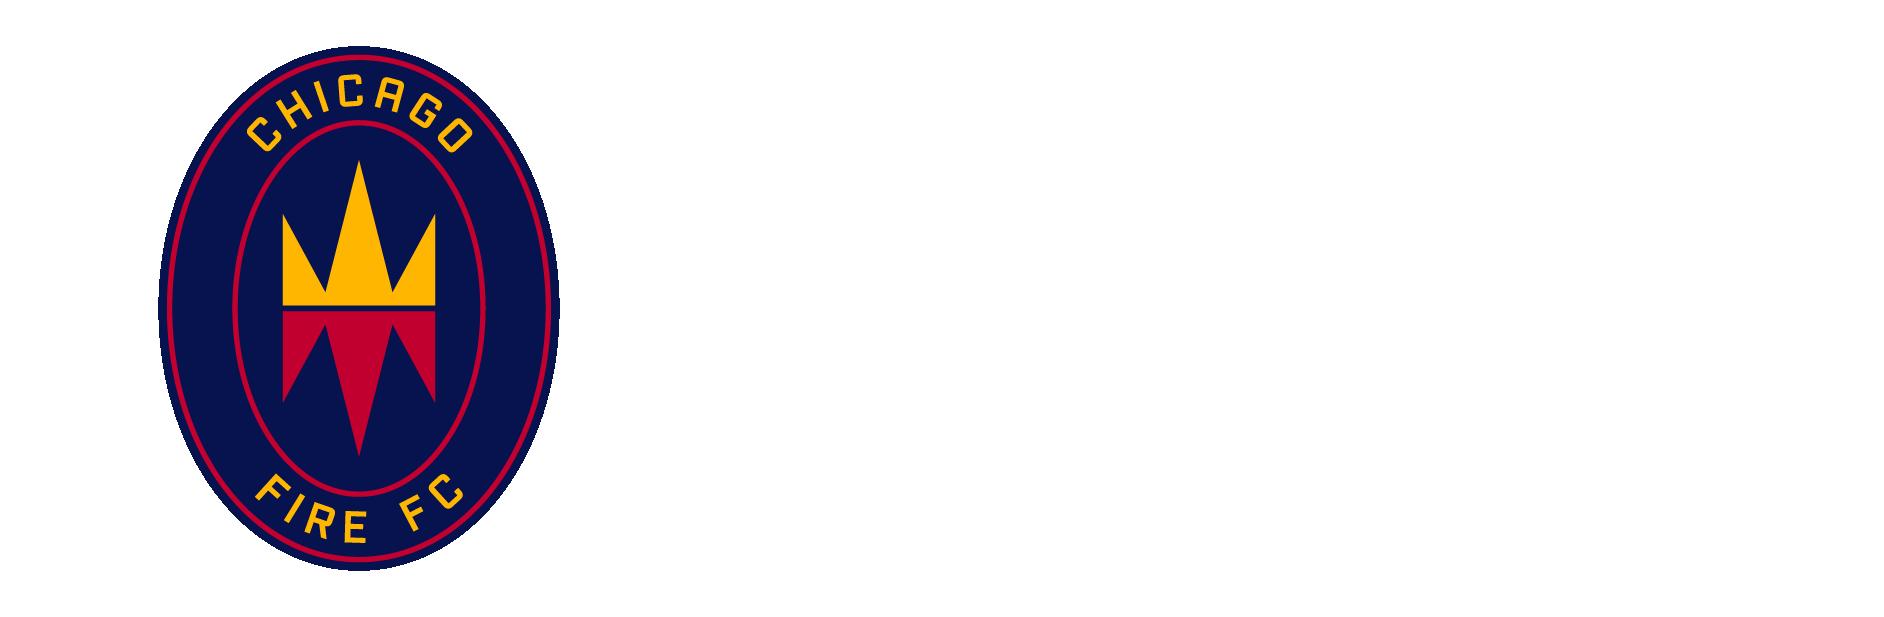 Firejuniors indianajuniors white